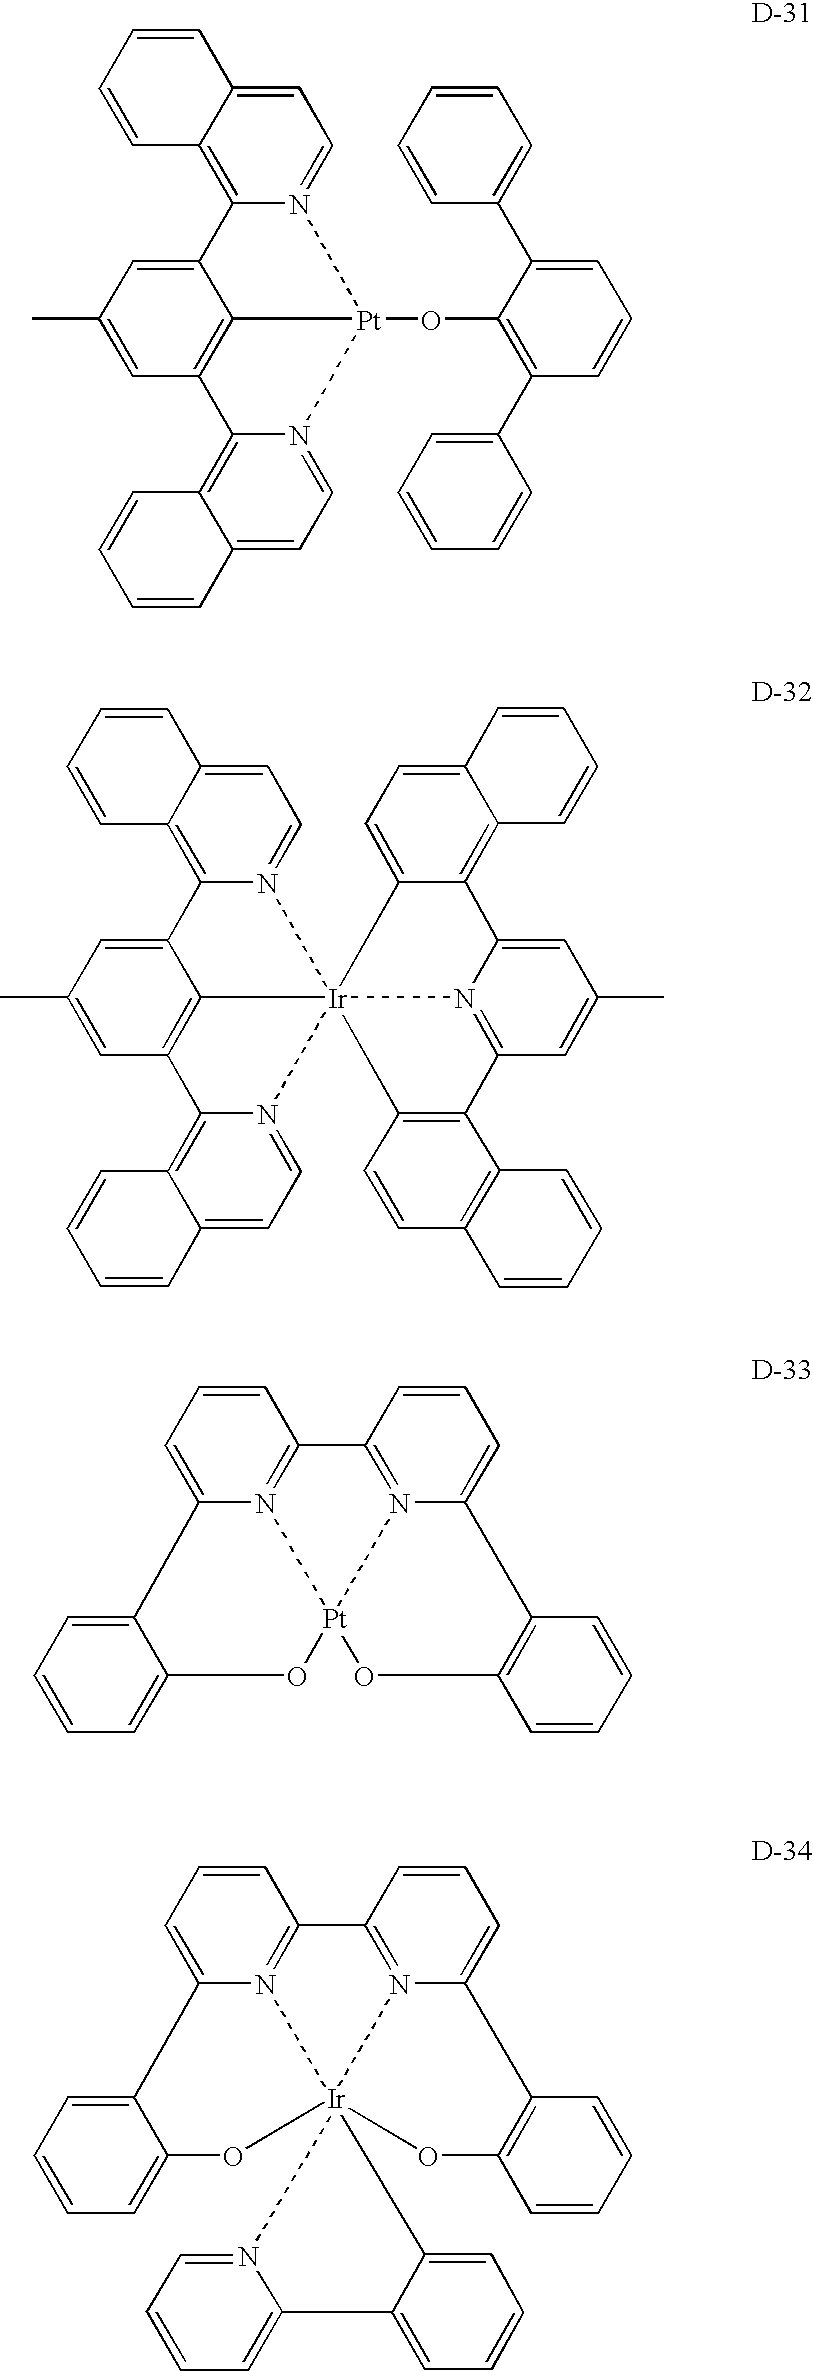 Figure US20090001360A1-20090101-C00007